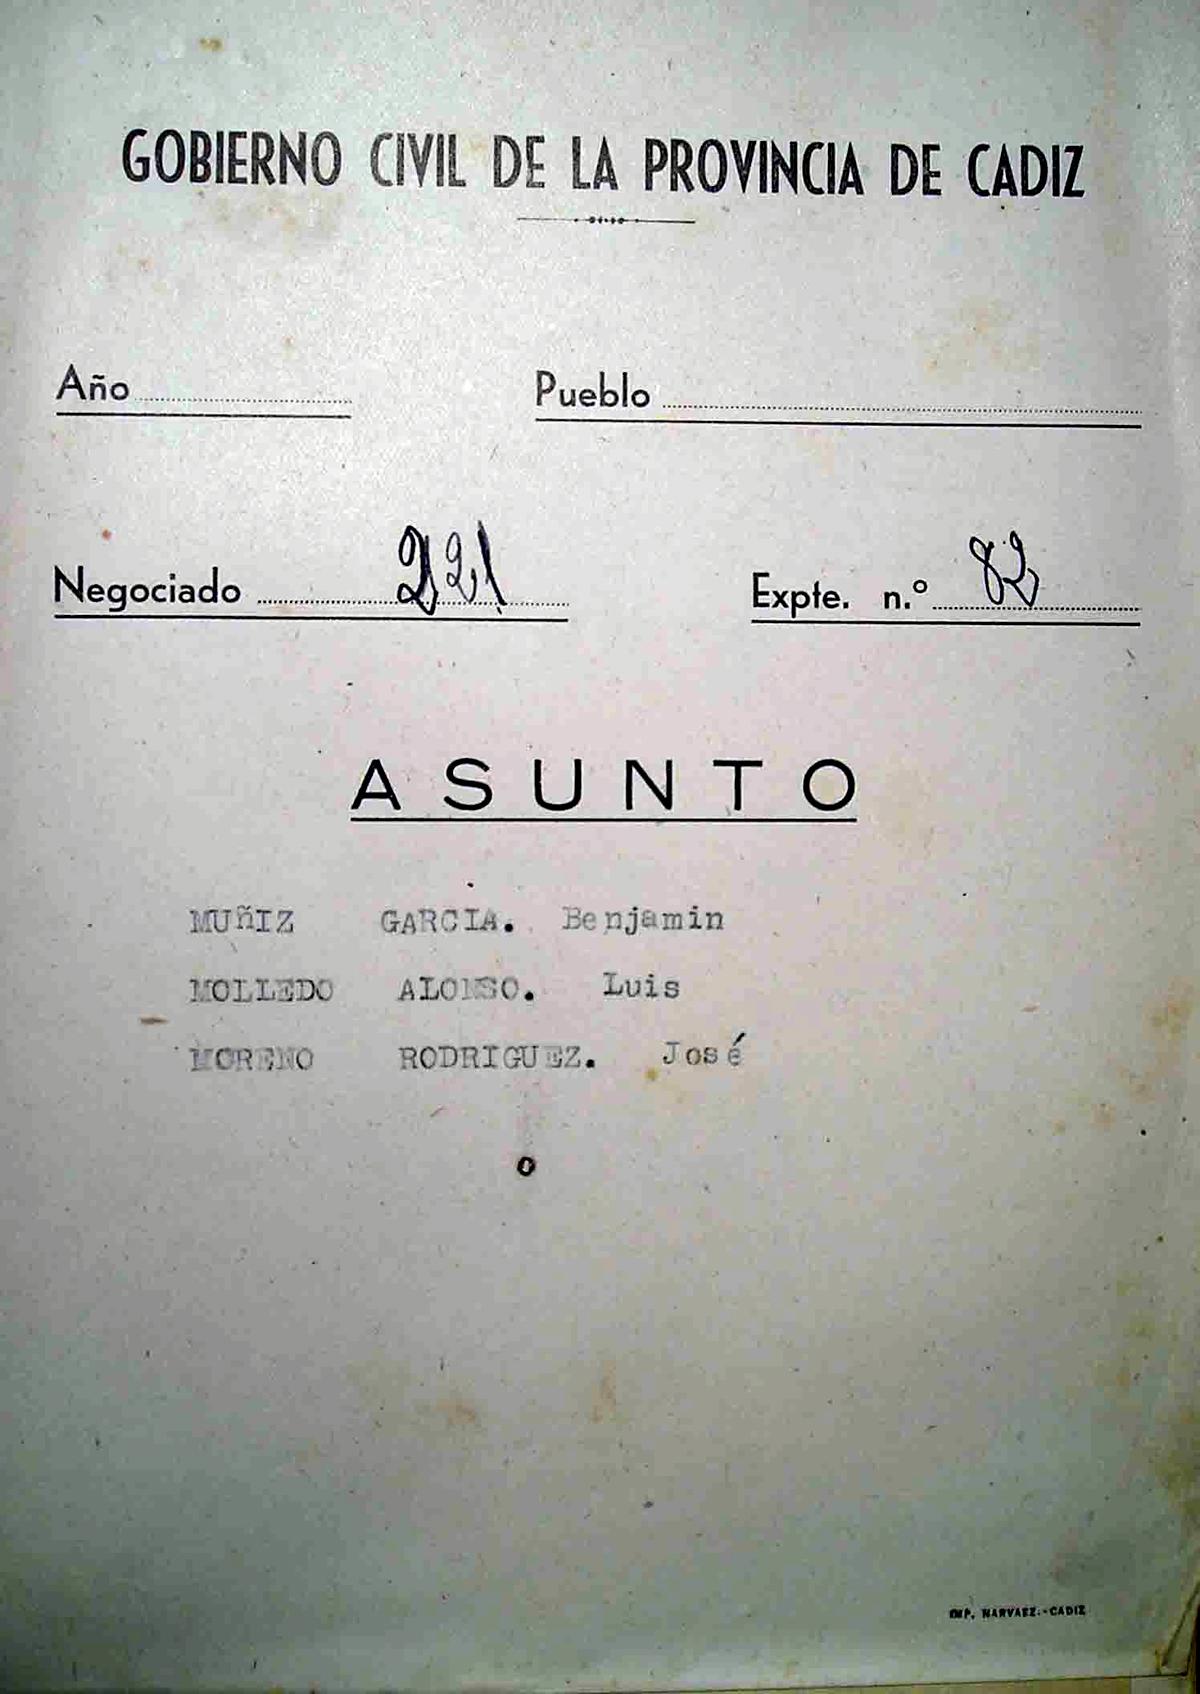 Portada del expediente Nº 82 del Gobierno Civil sobre Benjamín García Álvarez